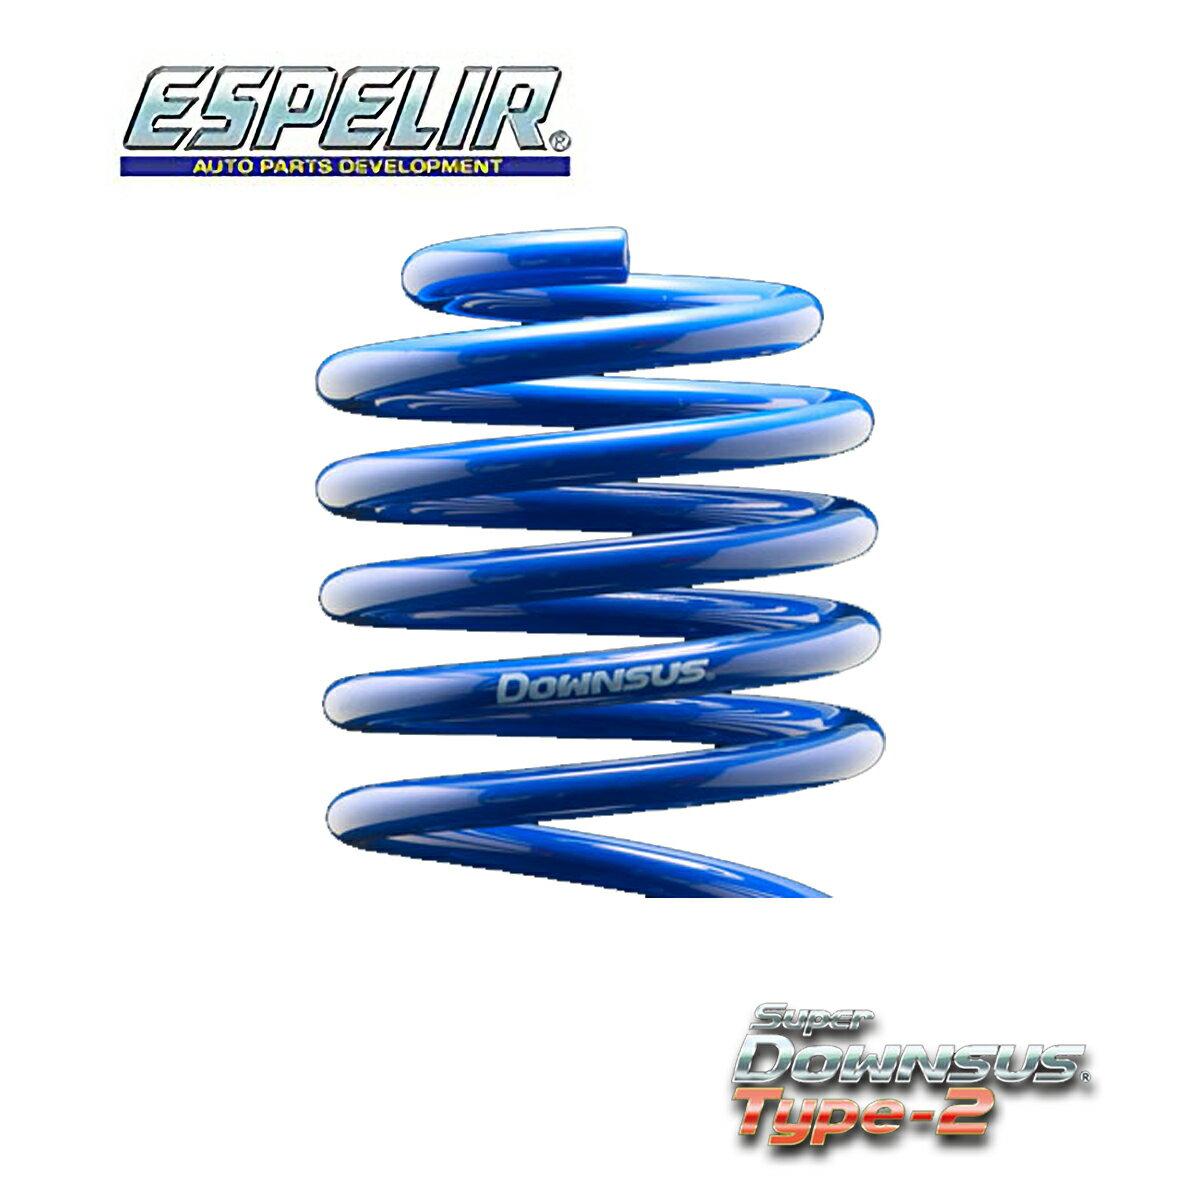 サスペンション, スプリング  X GGA10 1 EST-3296 2 Super DOWNSUS Type2 ESPELIR